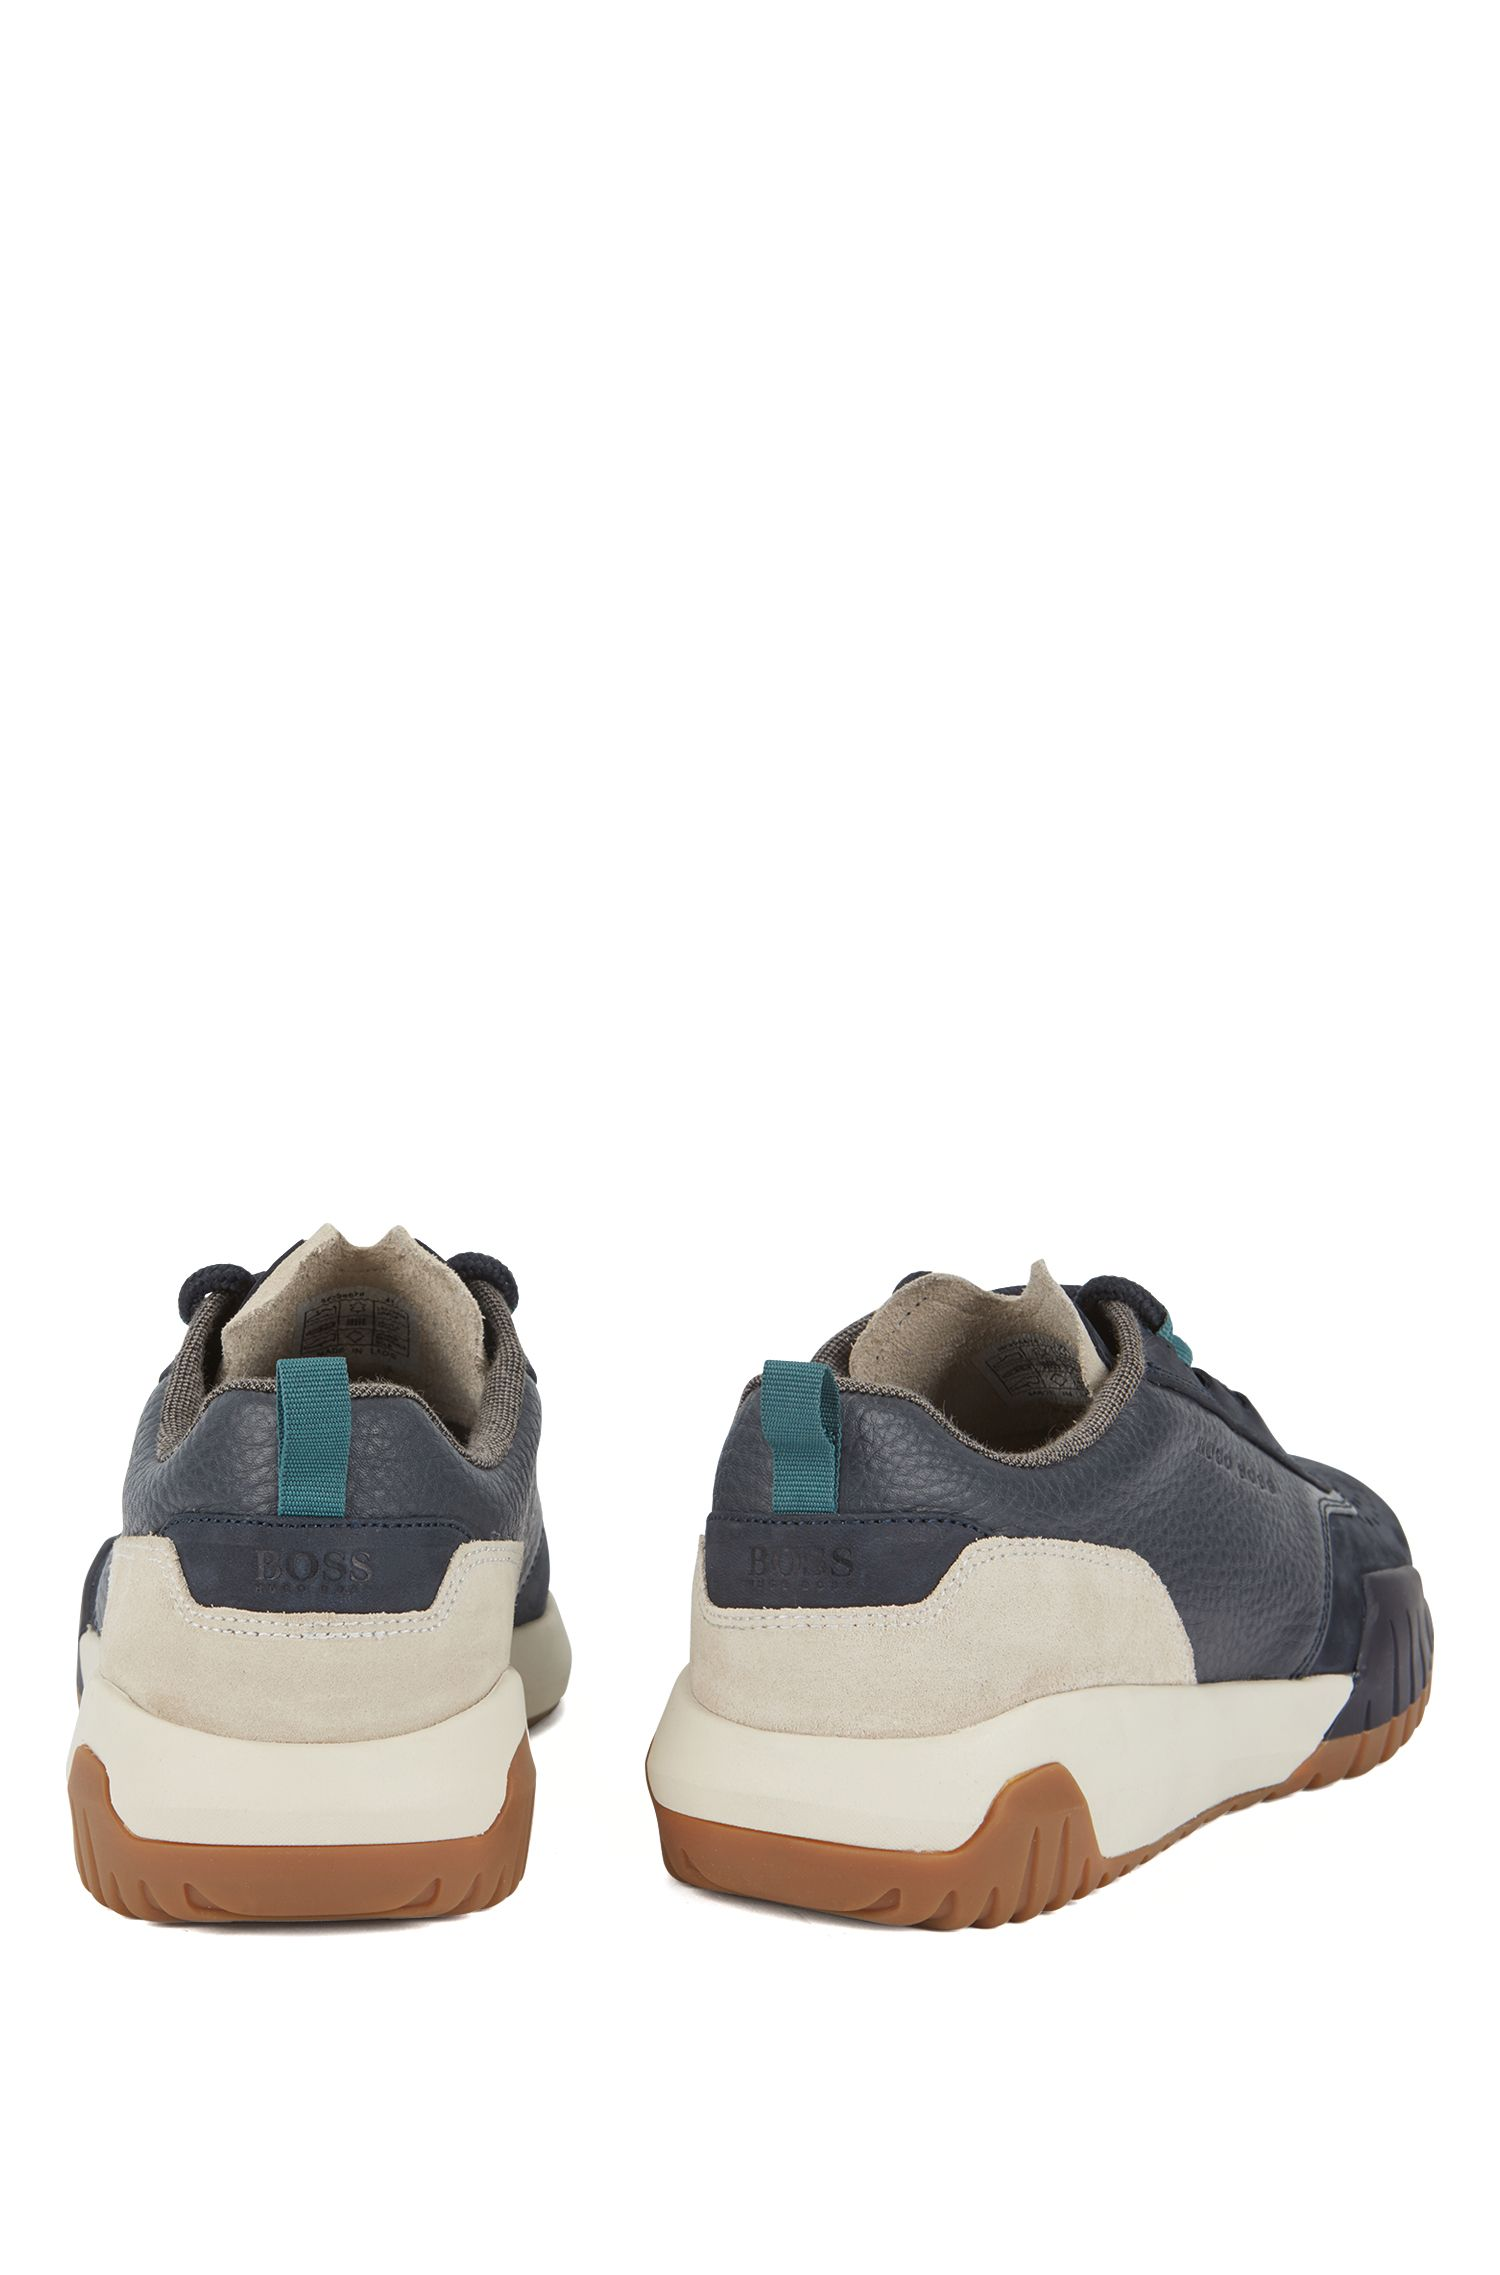 Baskets inspirées des chaussures de course, en nubuck, cuir foulonné et daim, Bleu foncé